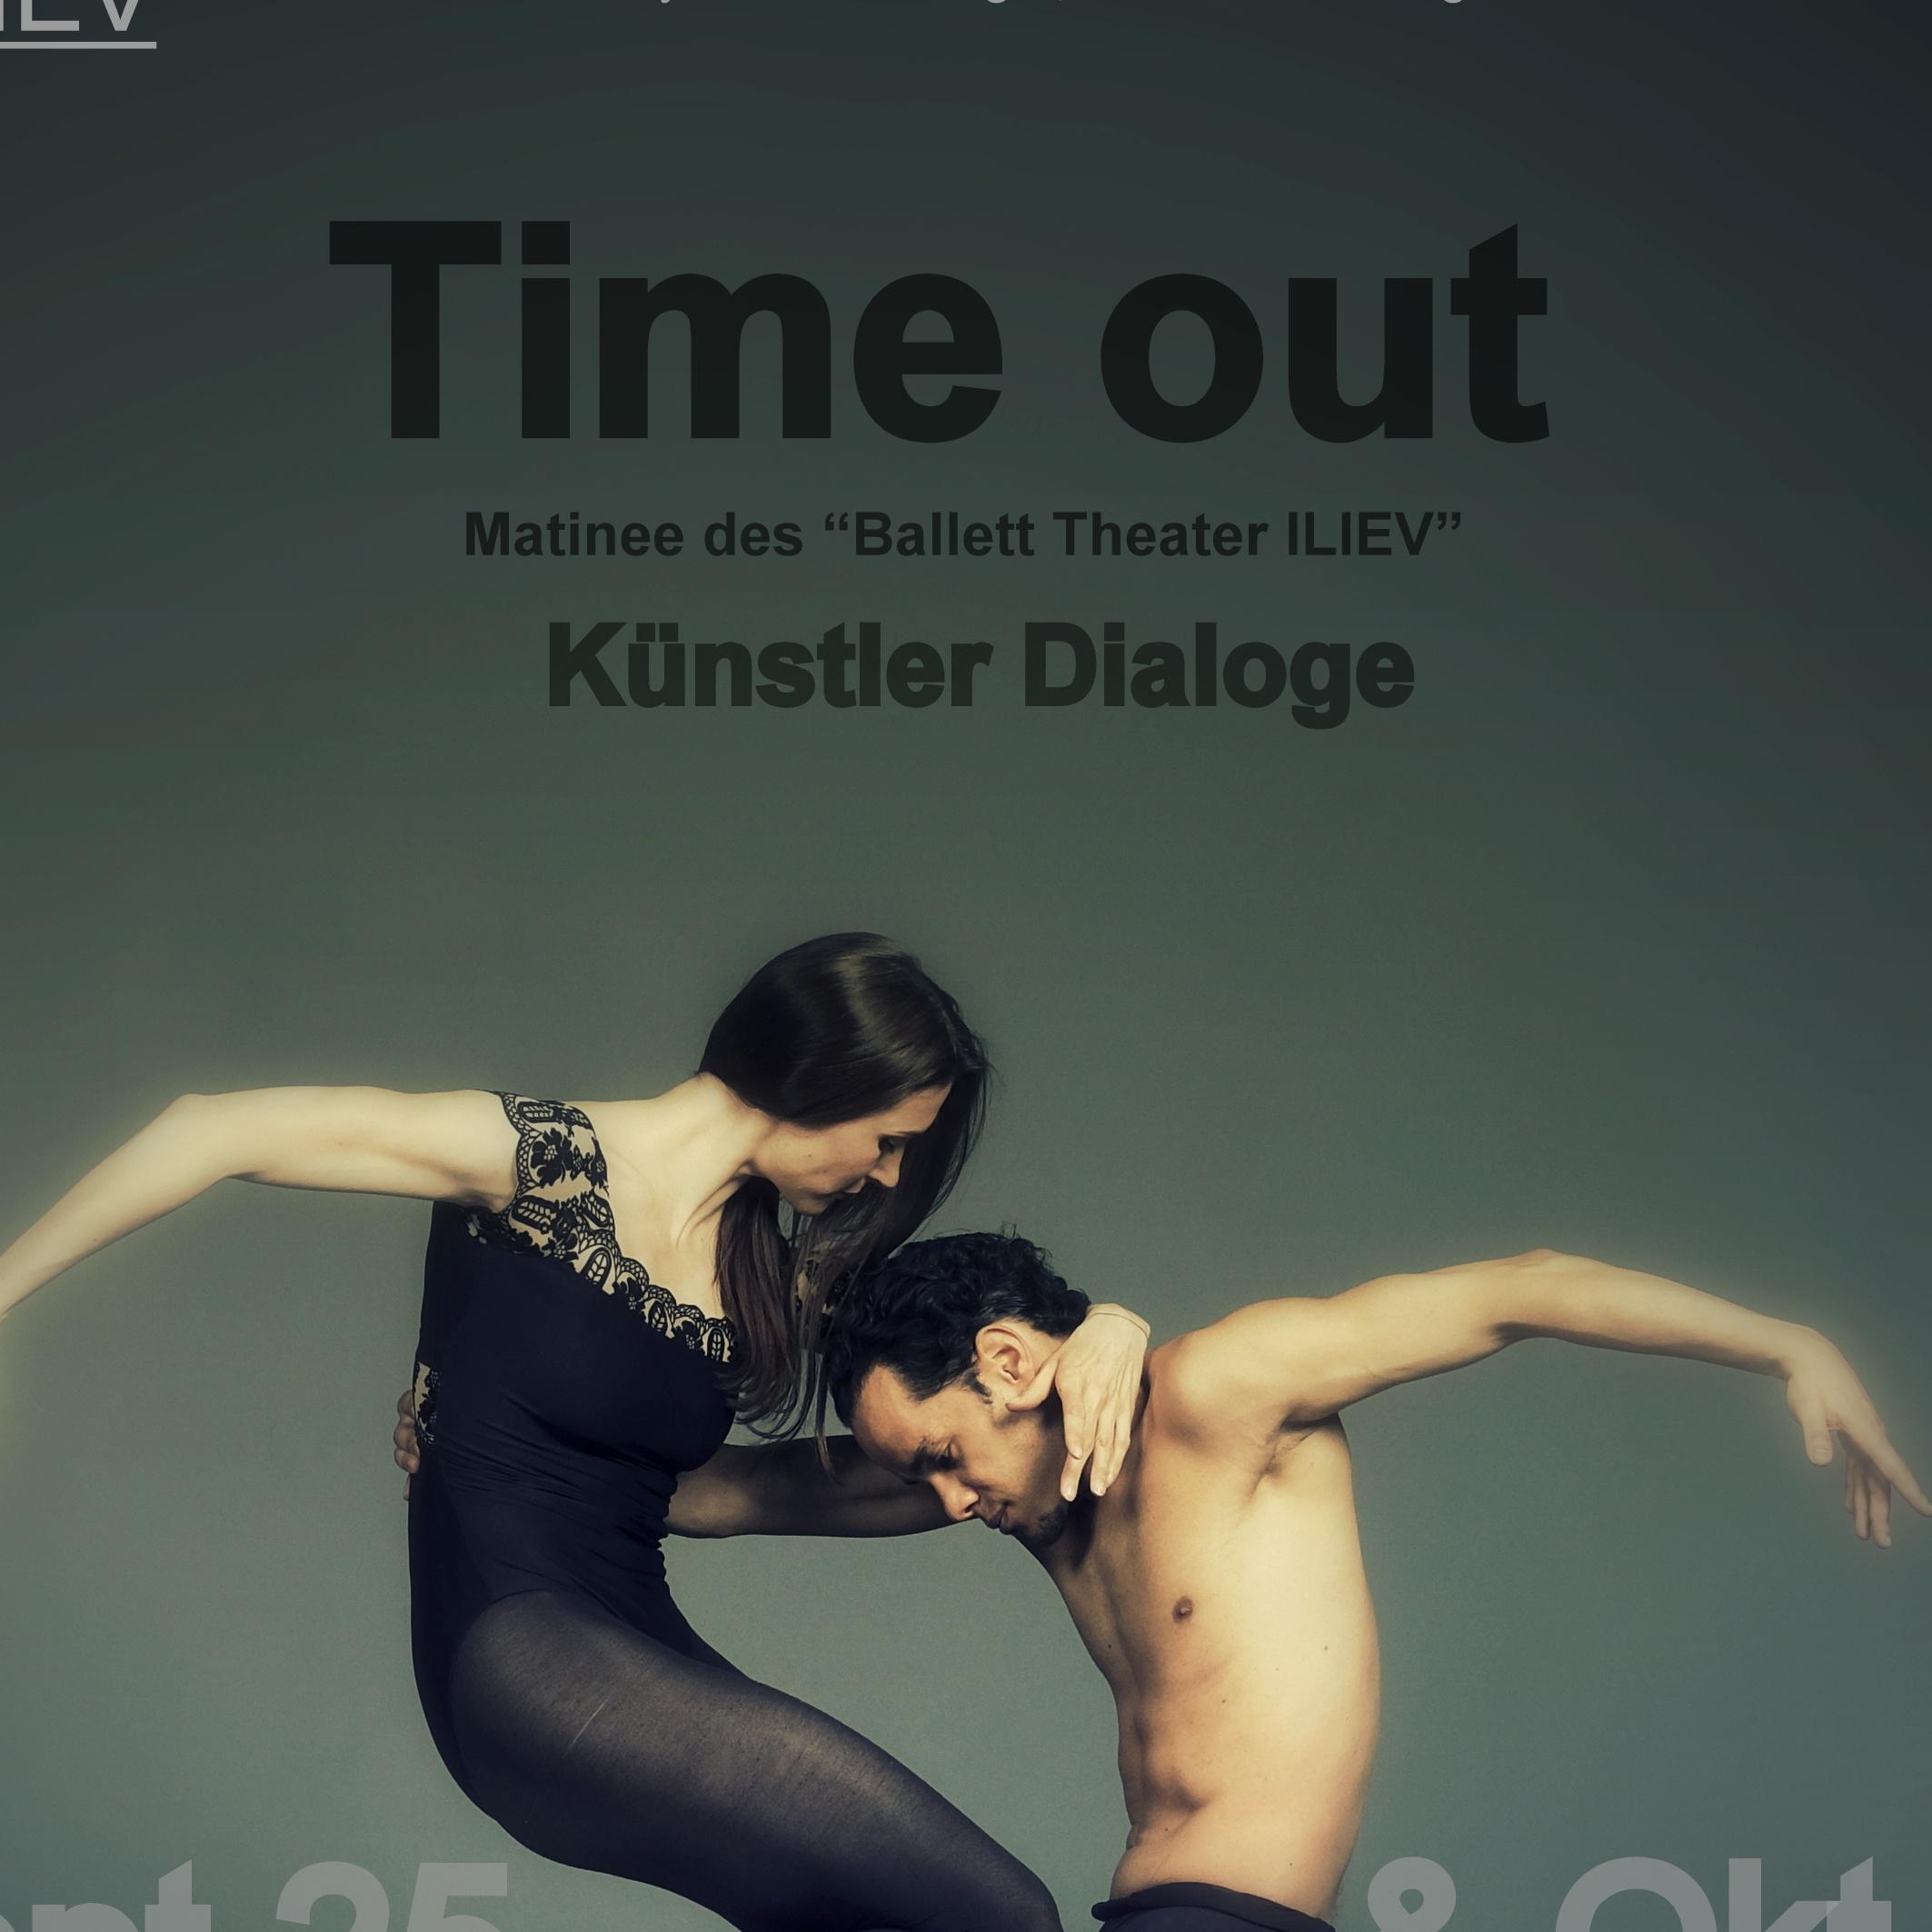 Time out-Künstler Dialoge